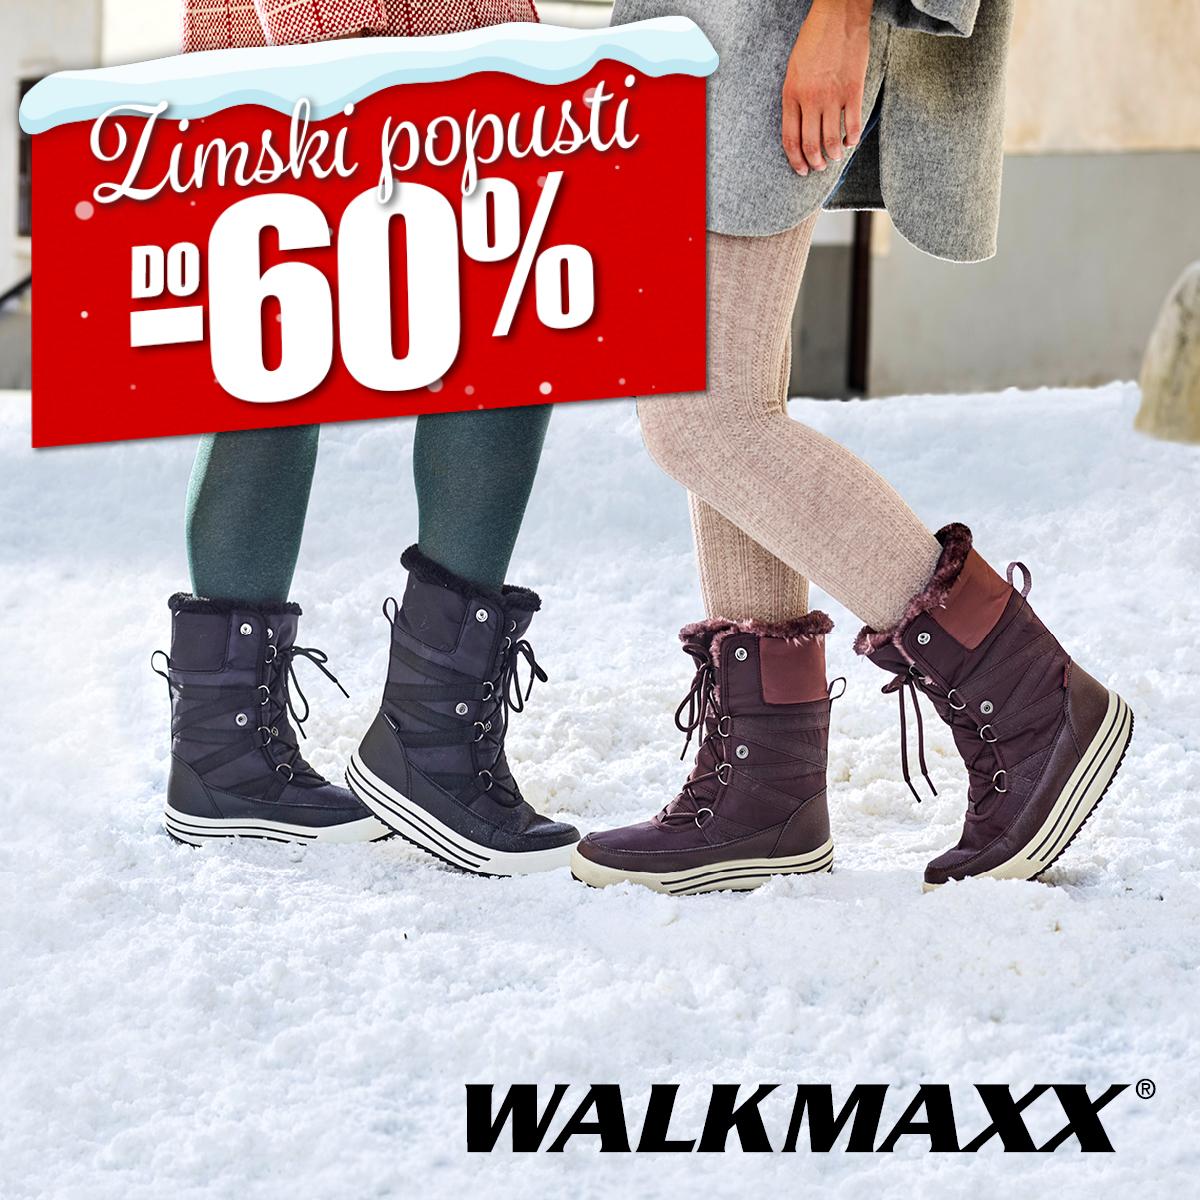 Walkmaxx zimski popusti do -60% 10